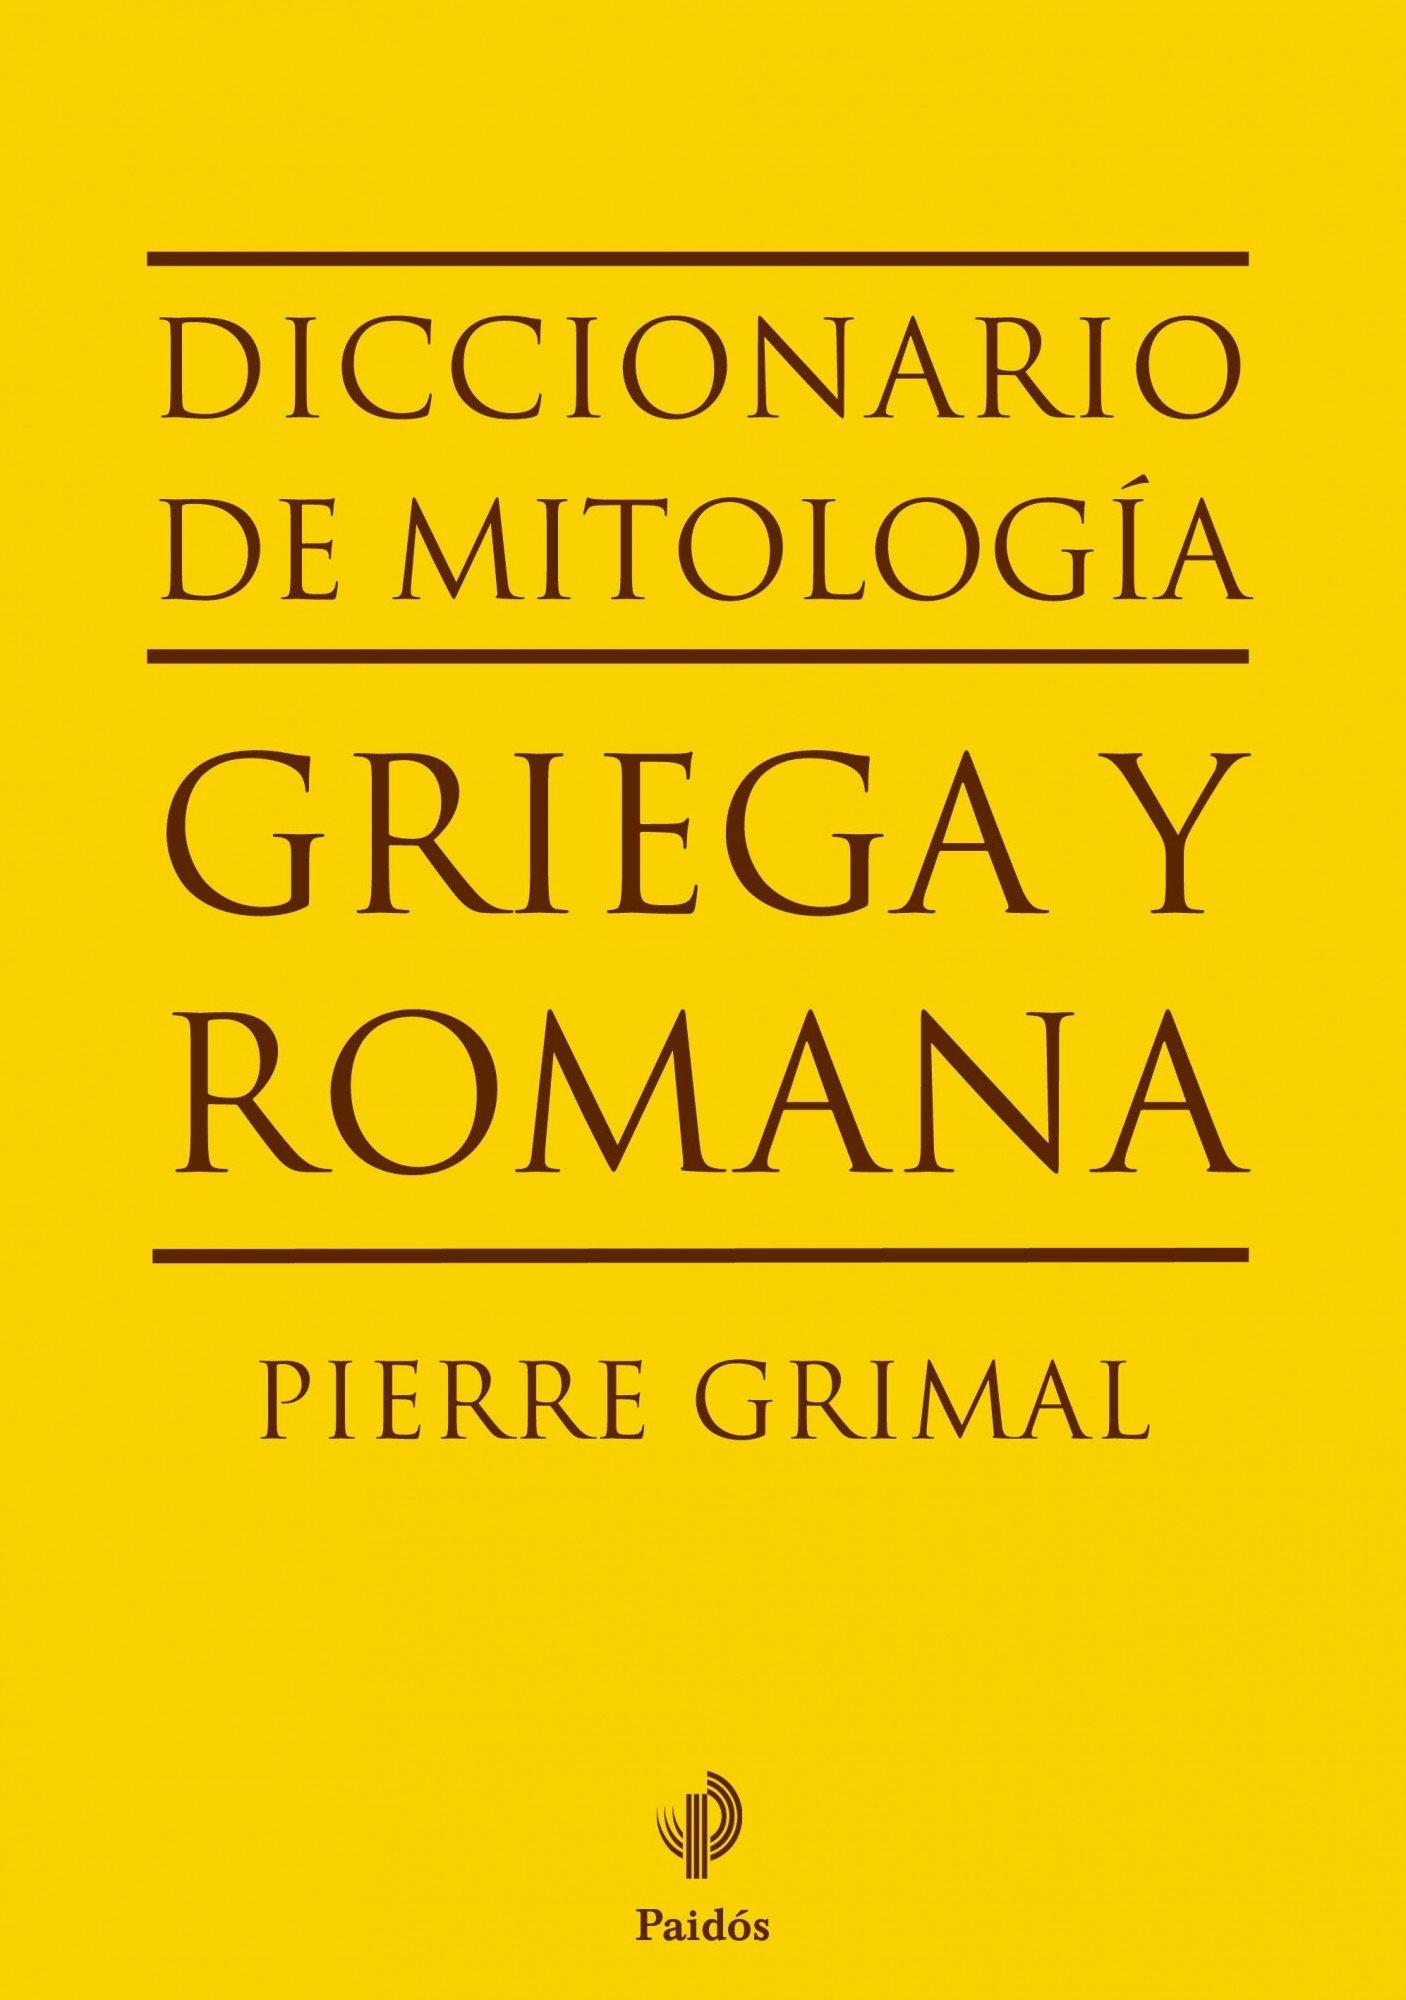 Diccionario de mitología griega y romana (Lexicon): Amazon.es: Grimal, Pierre, Payarols, Francisco: Libros